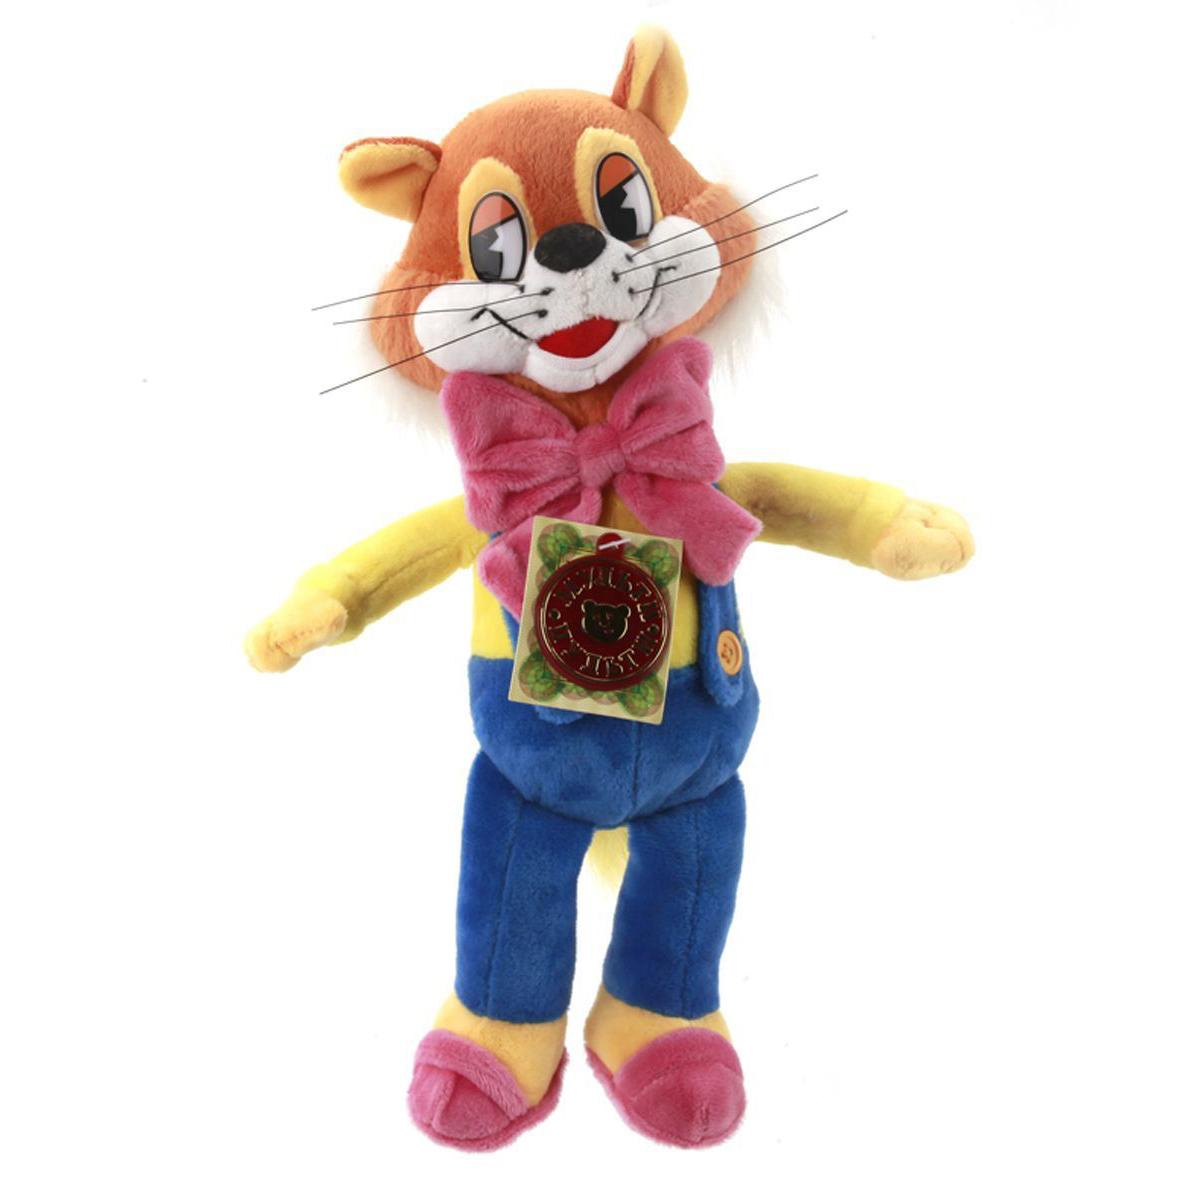 Мягкая игрушка Кот Леопольд, озвученный, 20 смГоворящие игрушки<br>Мягкая игрушка Кот Леопольд, озвученный, 20 см<br>